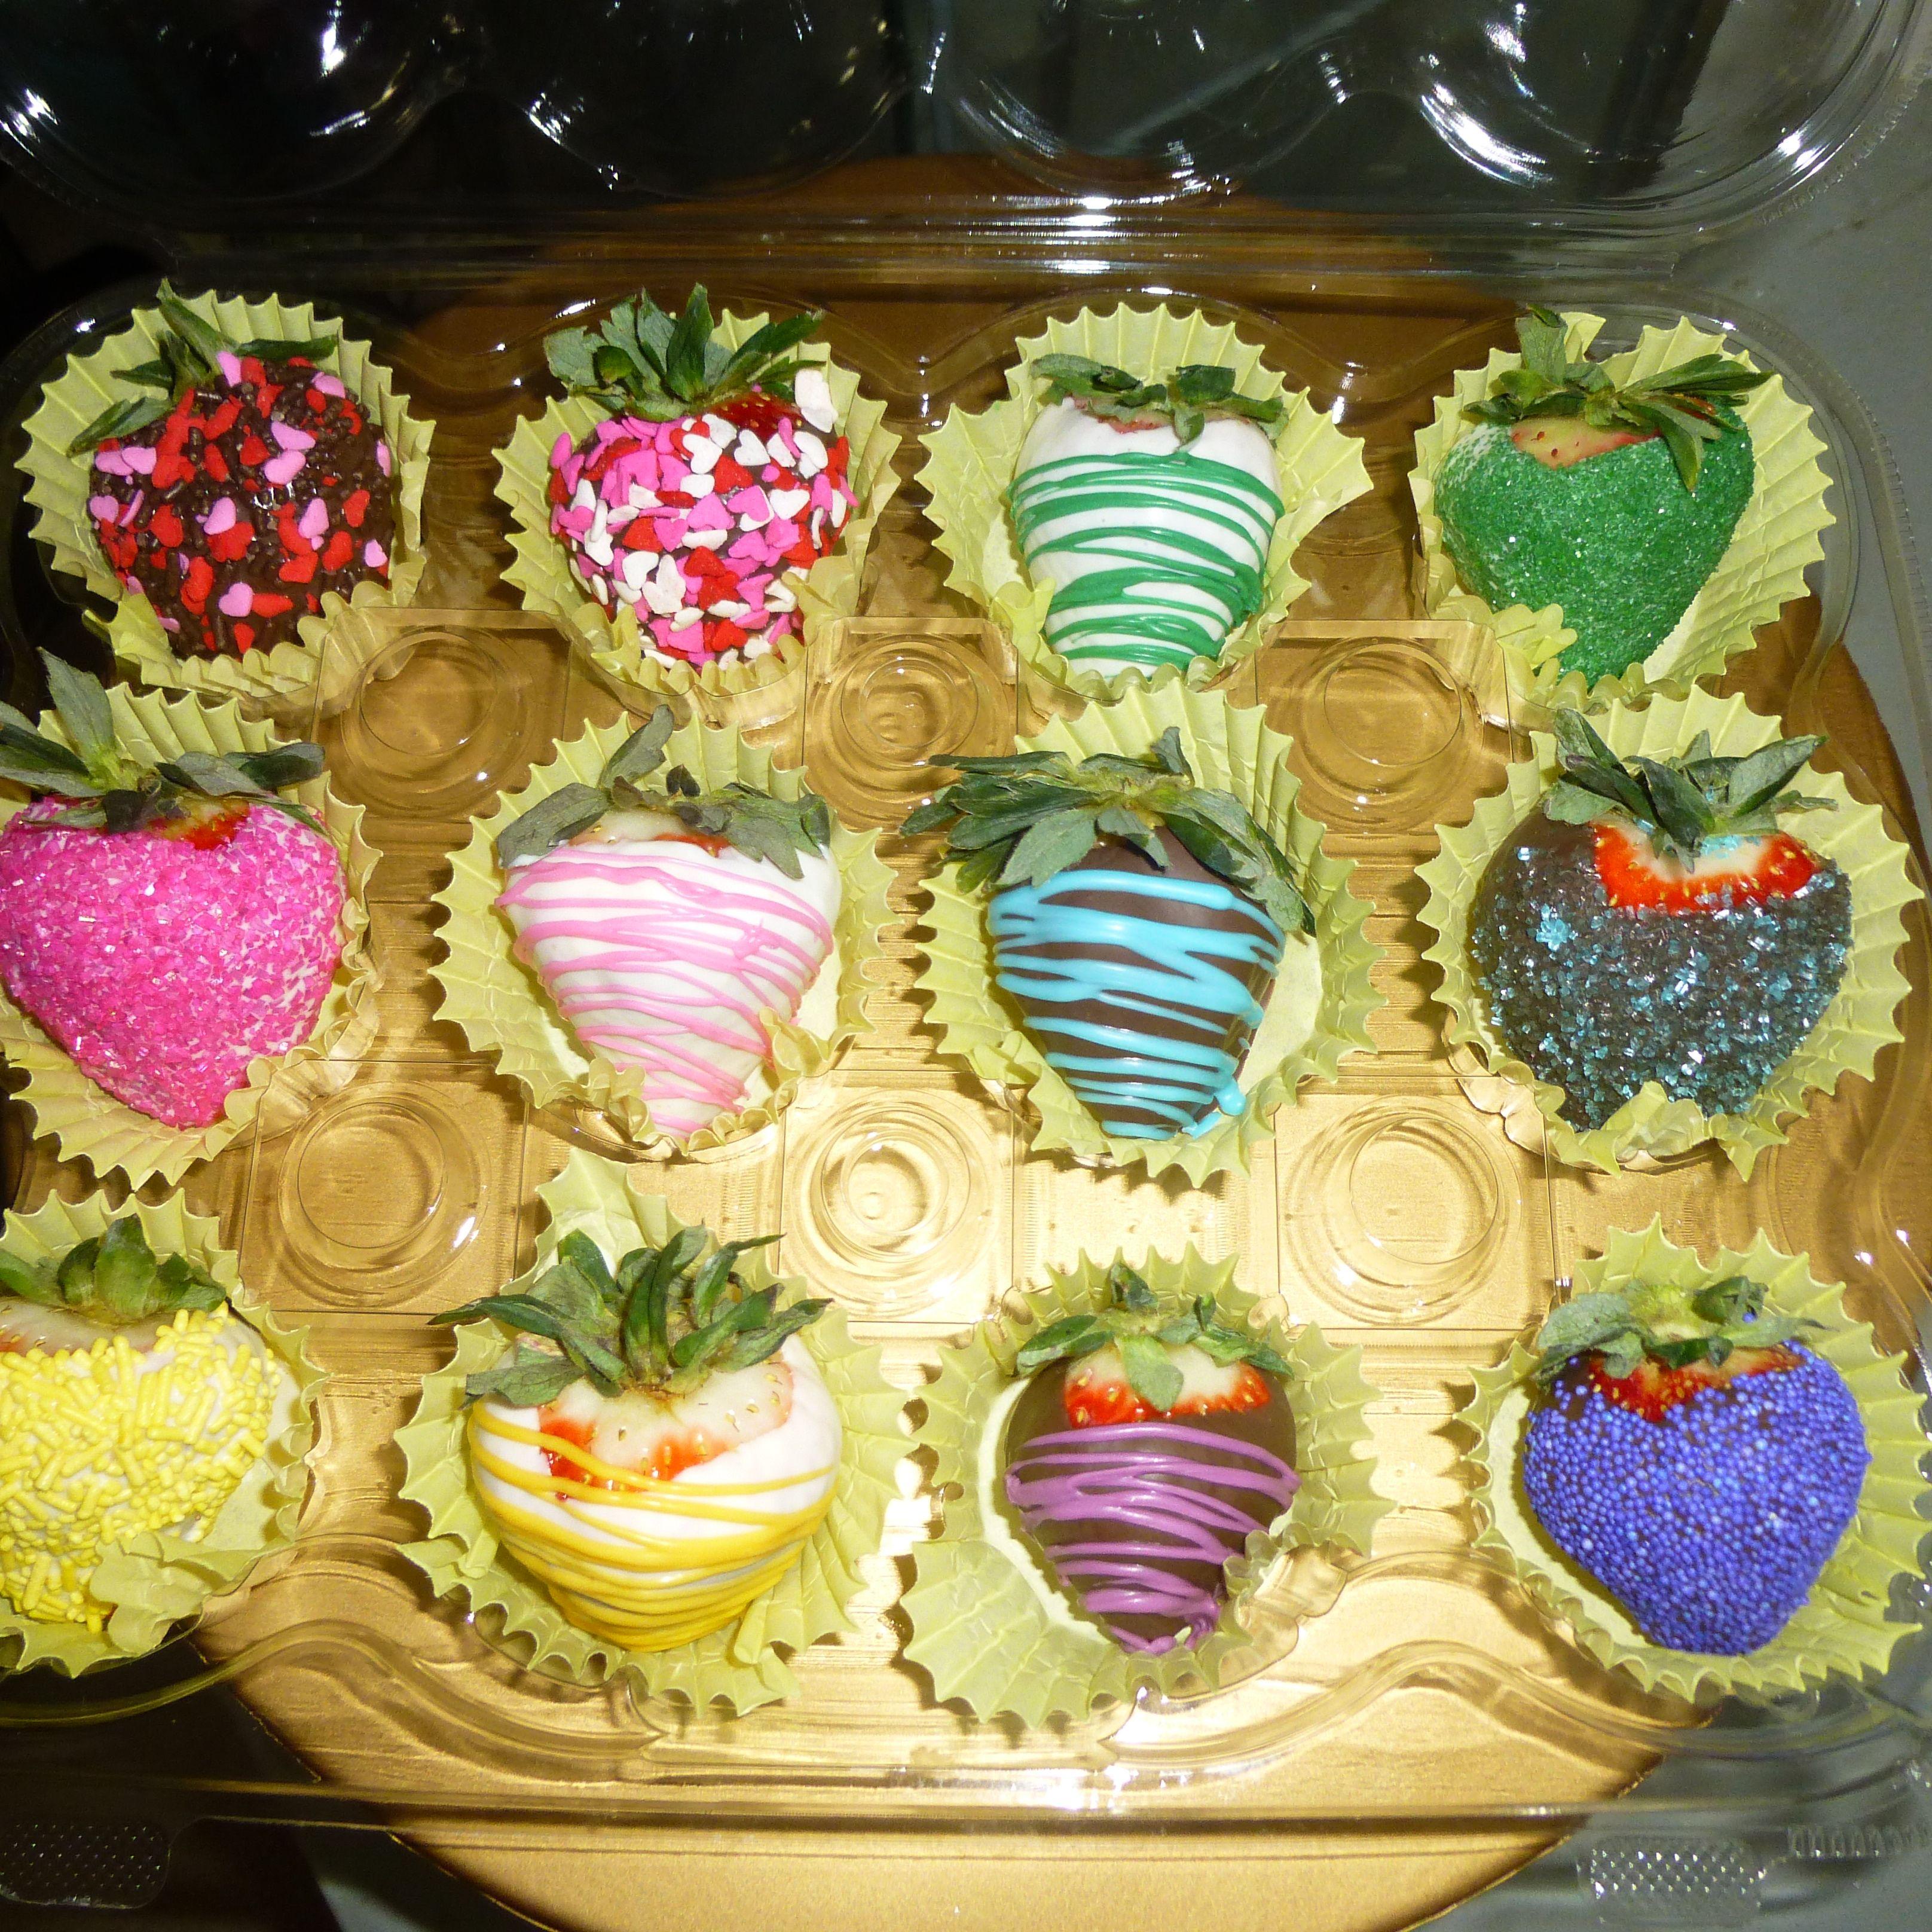 Rainbow chocolate covered strawberries...#mondaymust | by ... |Rainbow Chocolate Covered Strawberries